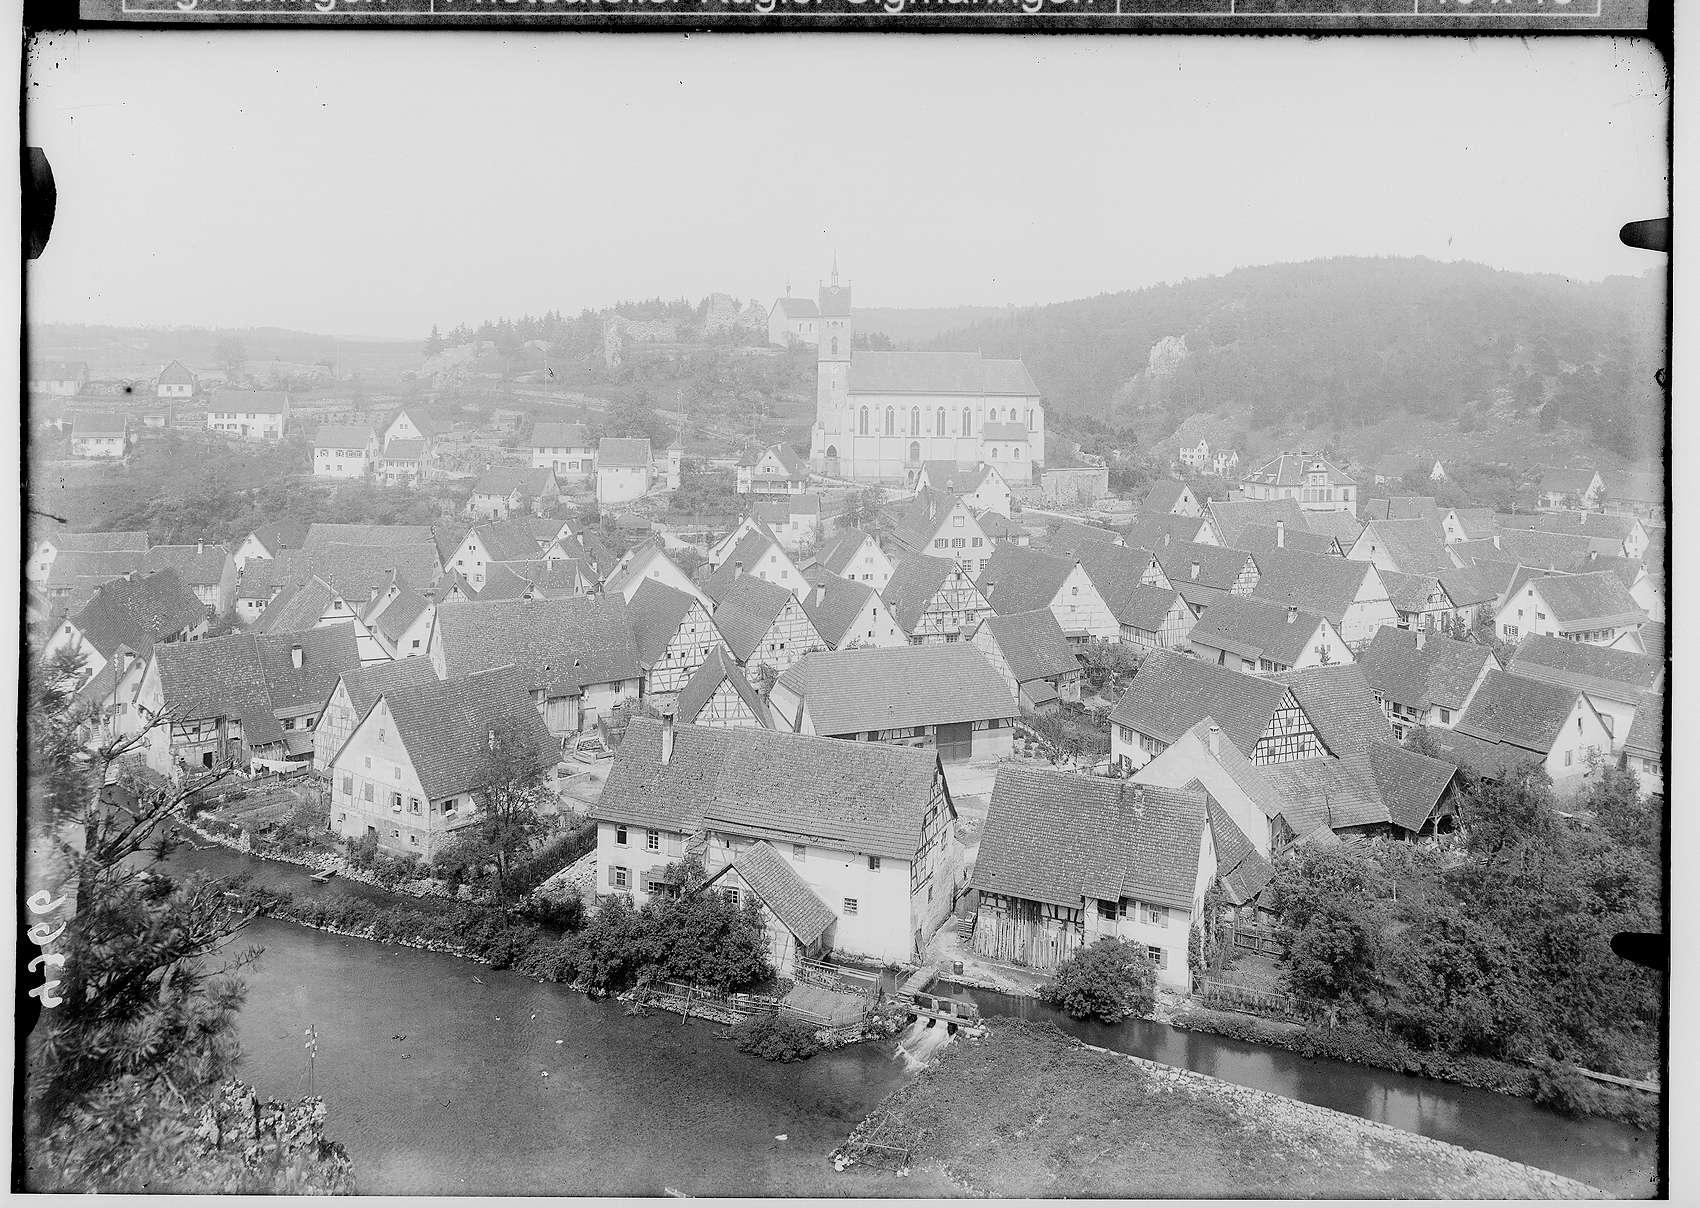 Ansicht von Veringenstadt, von Süden aufgenommen; im Hintergrund Burg mit Peterskapelle; im Vordergrund Getreidemühle Schmid, Bild 1